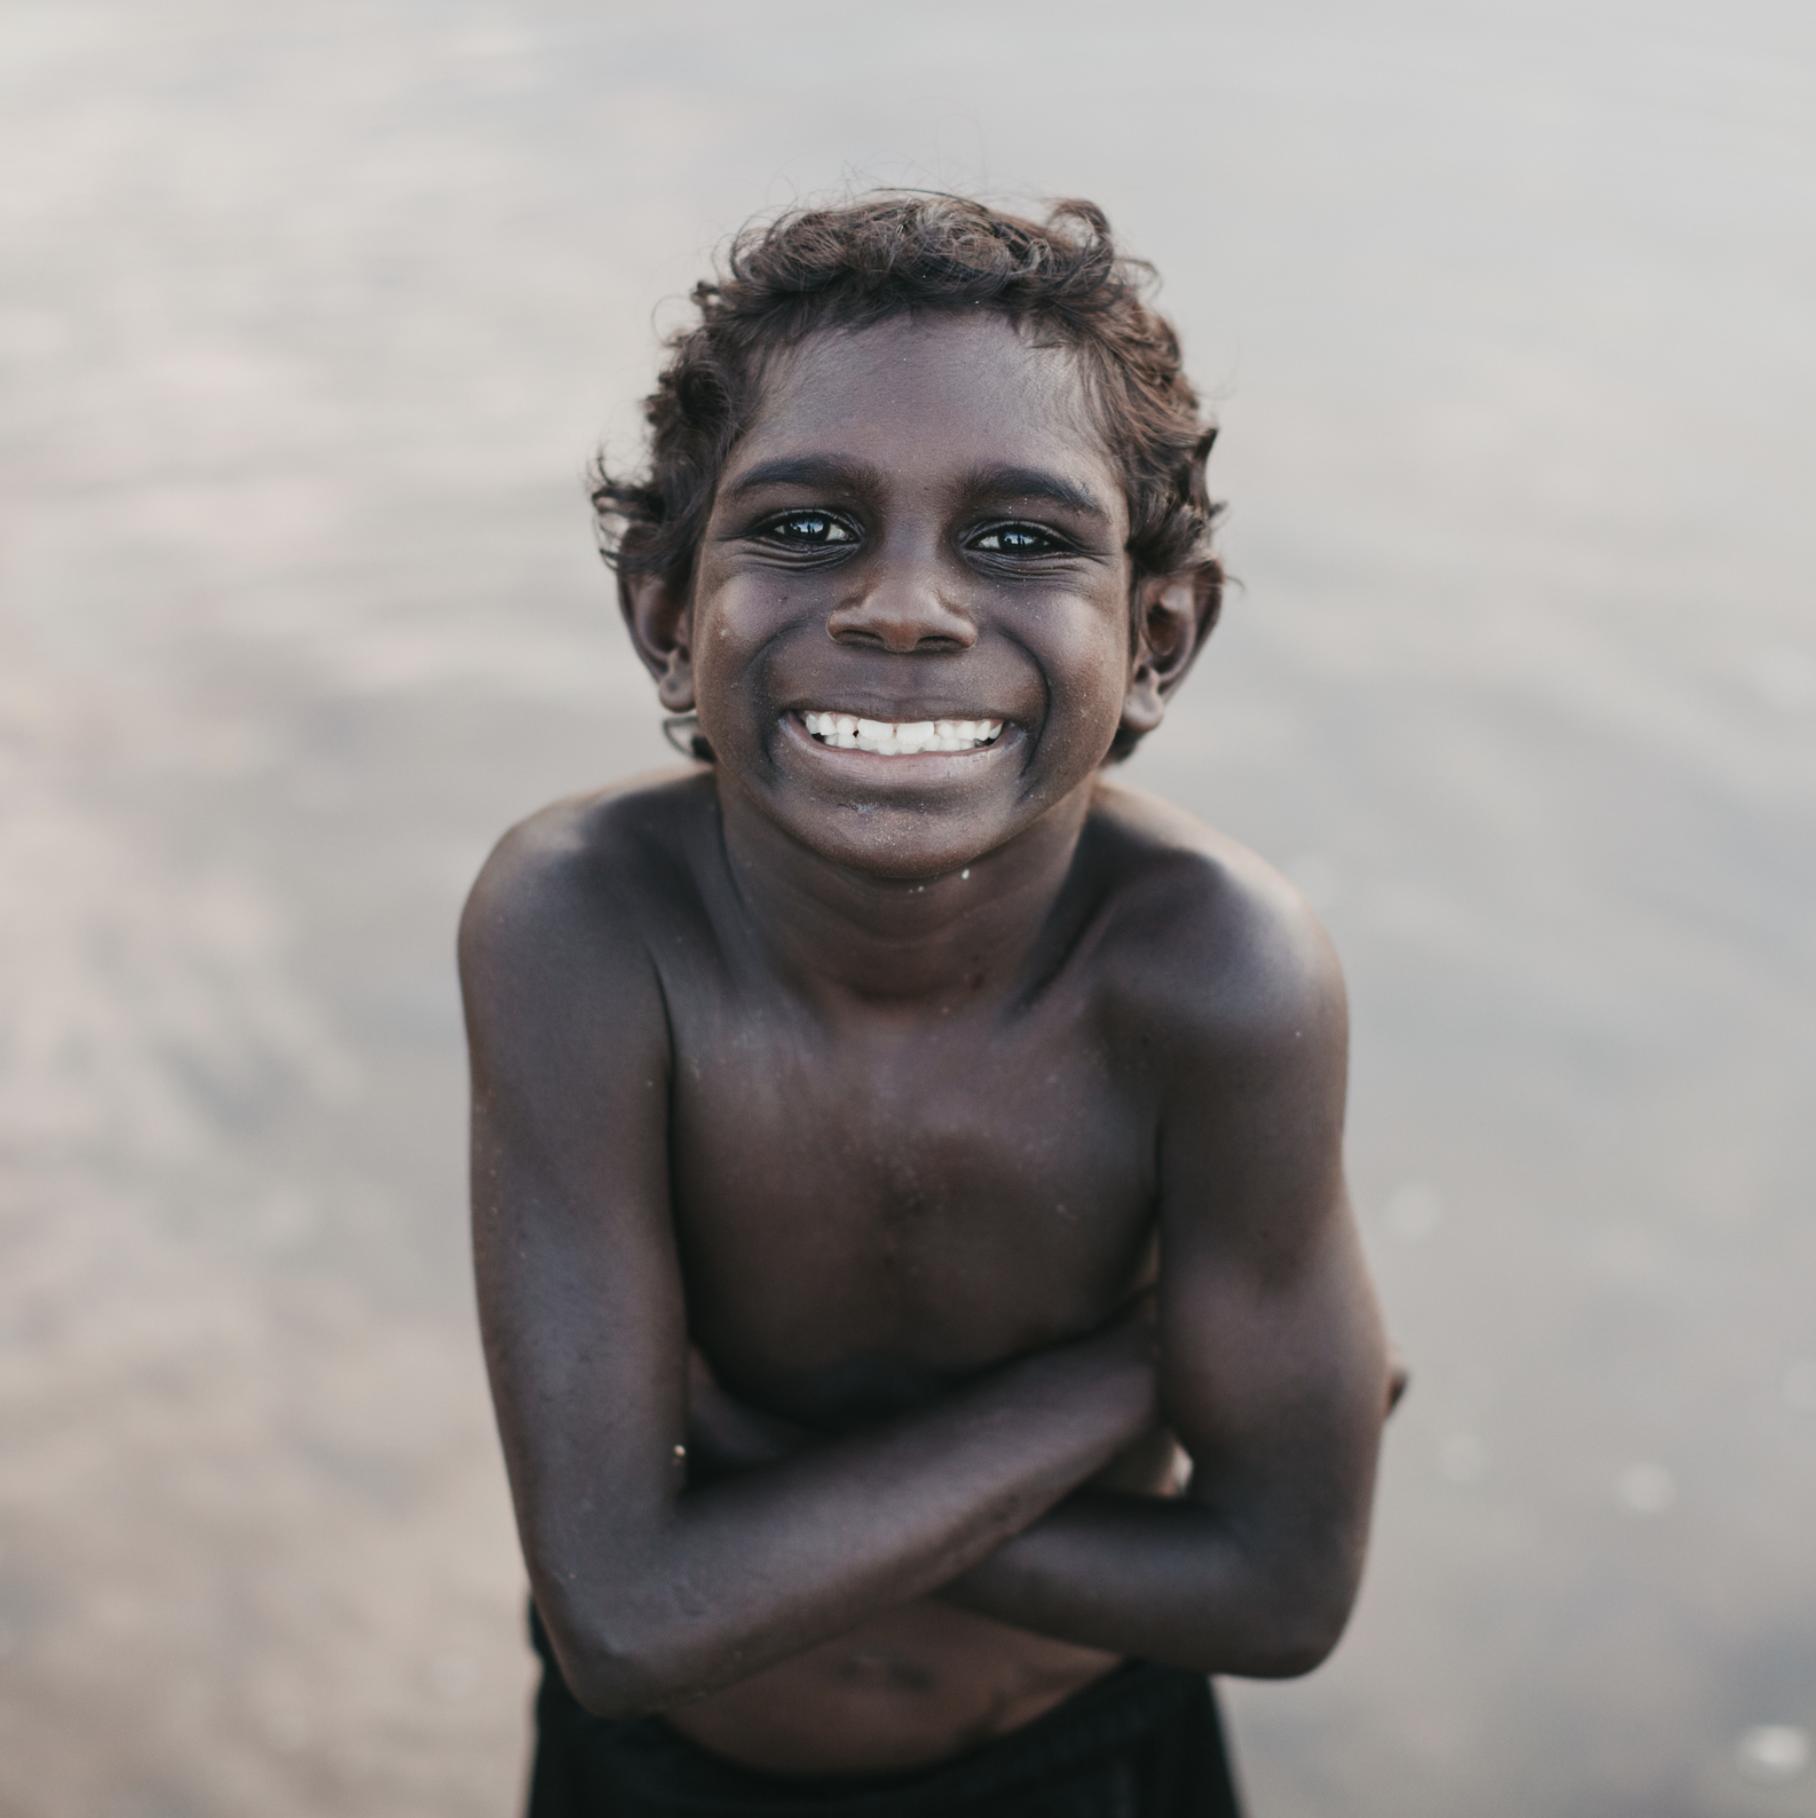 Young child smiling Jarrad Seng